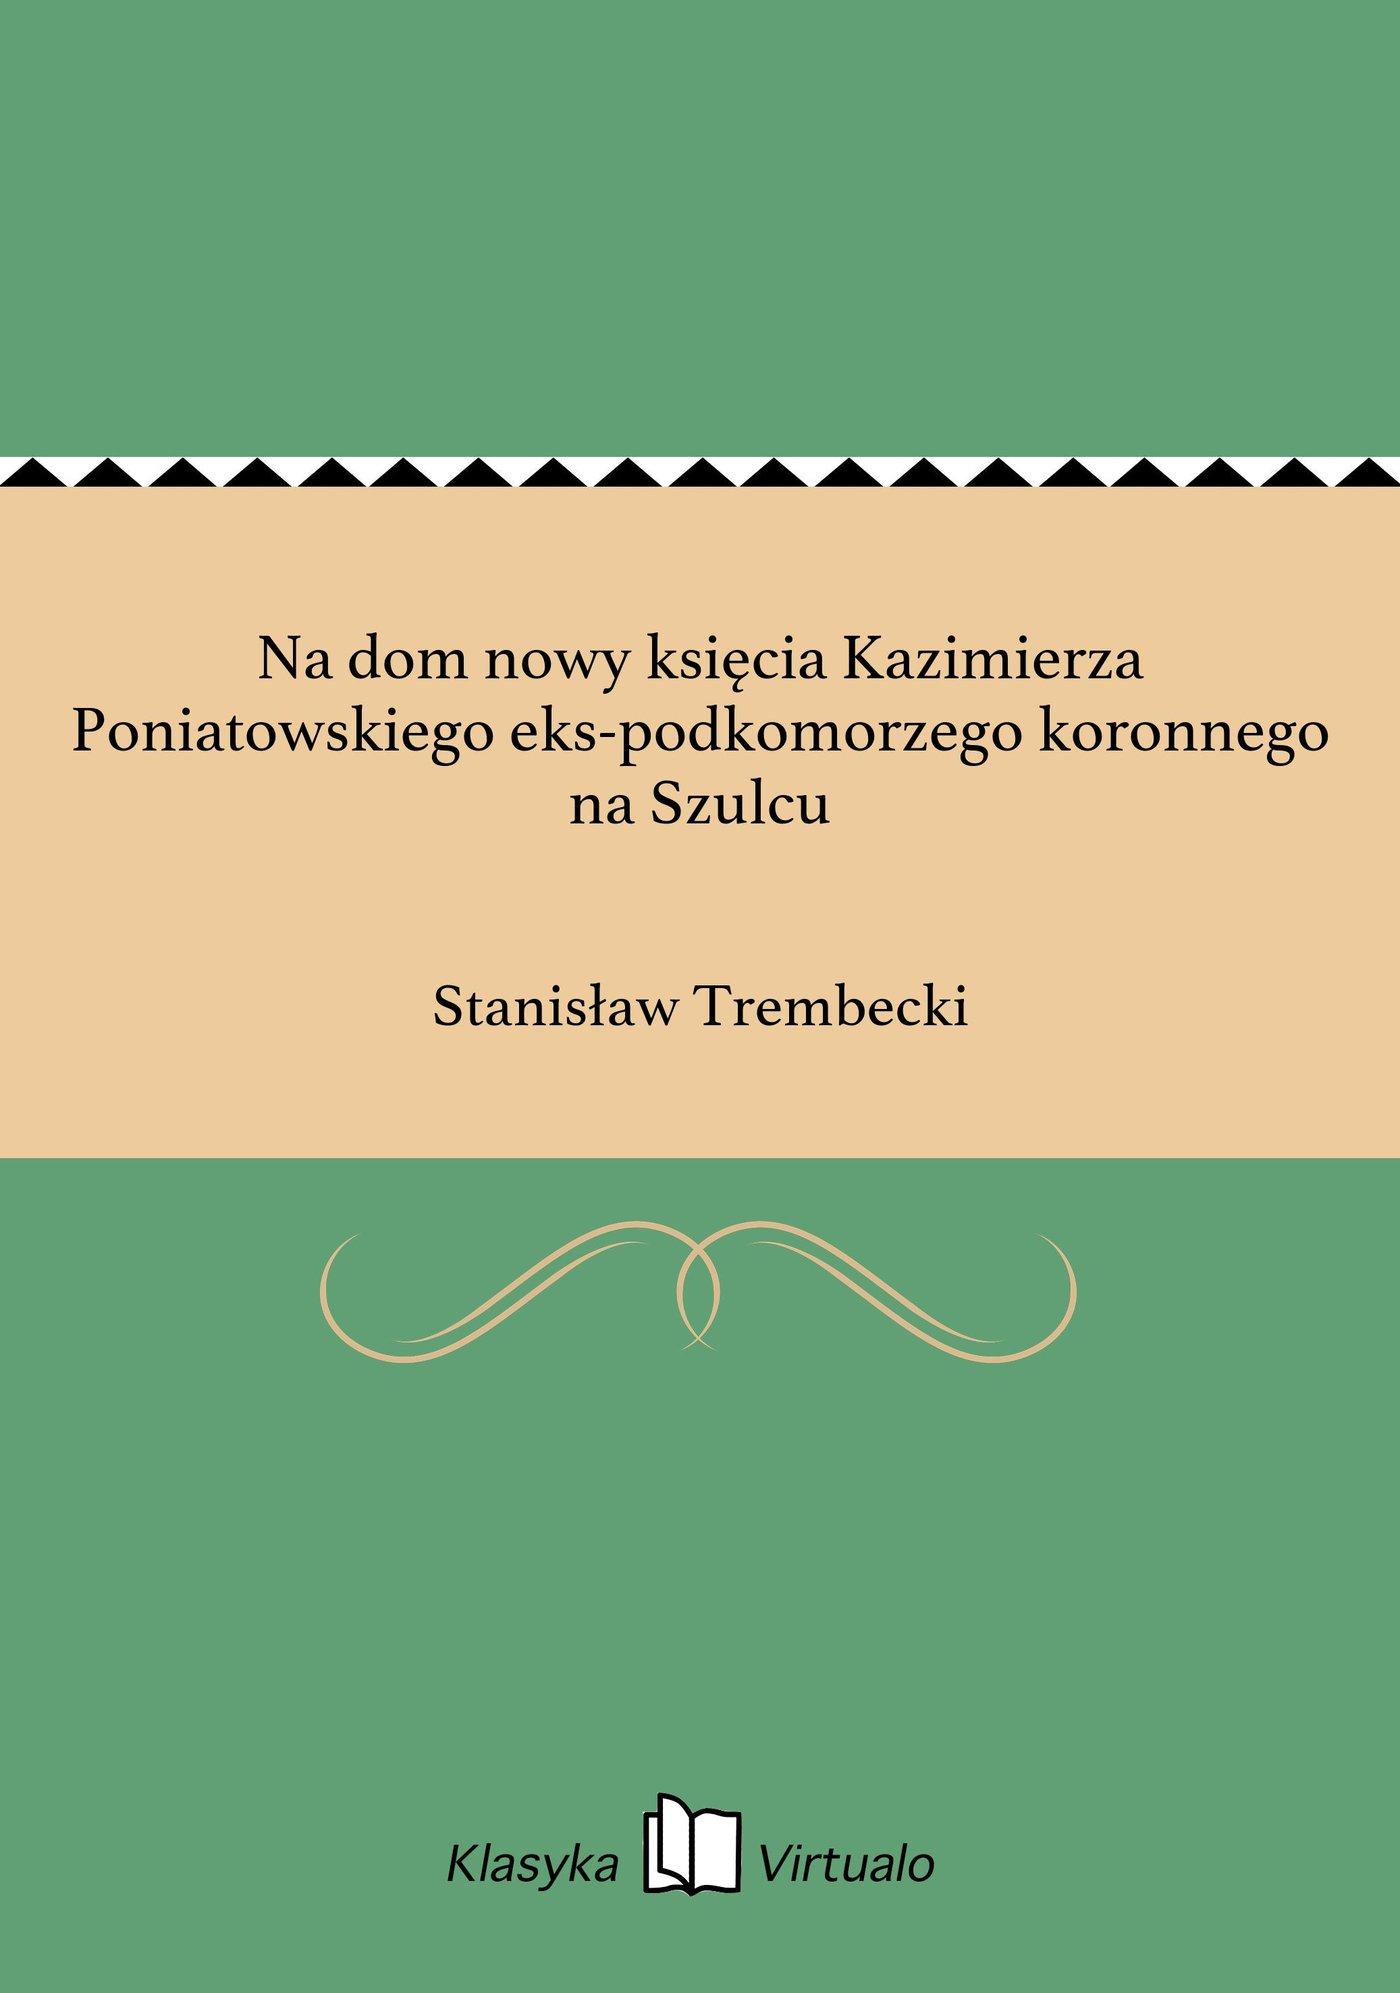 Na dom nowy księcia Kazimierza Poniatowskiego eks-podkomorzego koronnego na Szulcu - Ebook (Książka na Kindle) do pobrania w formacie MOBI